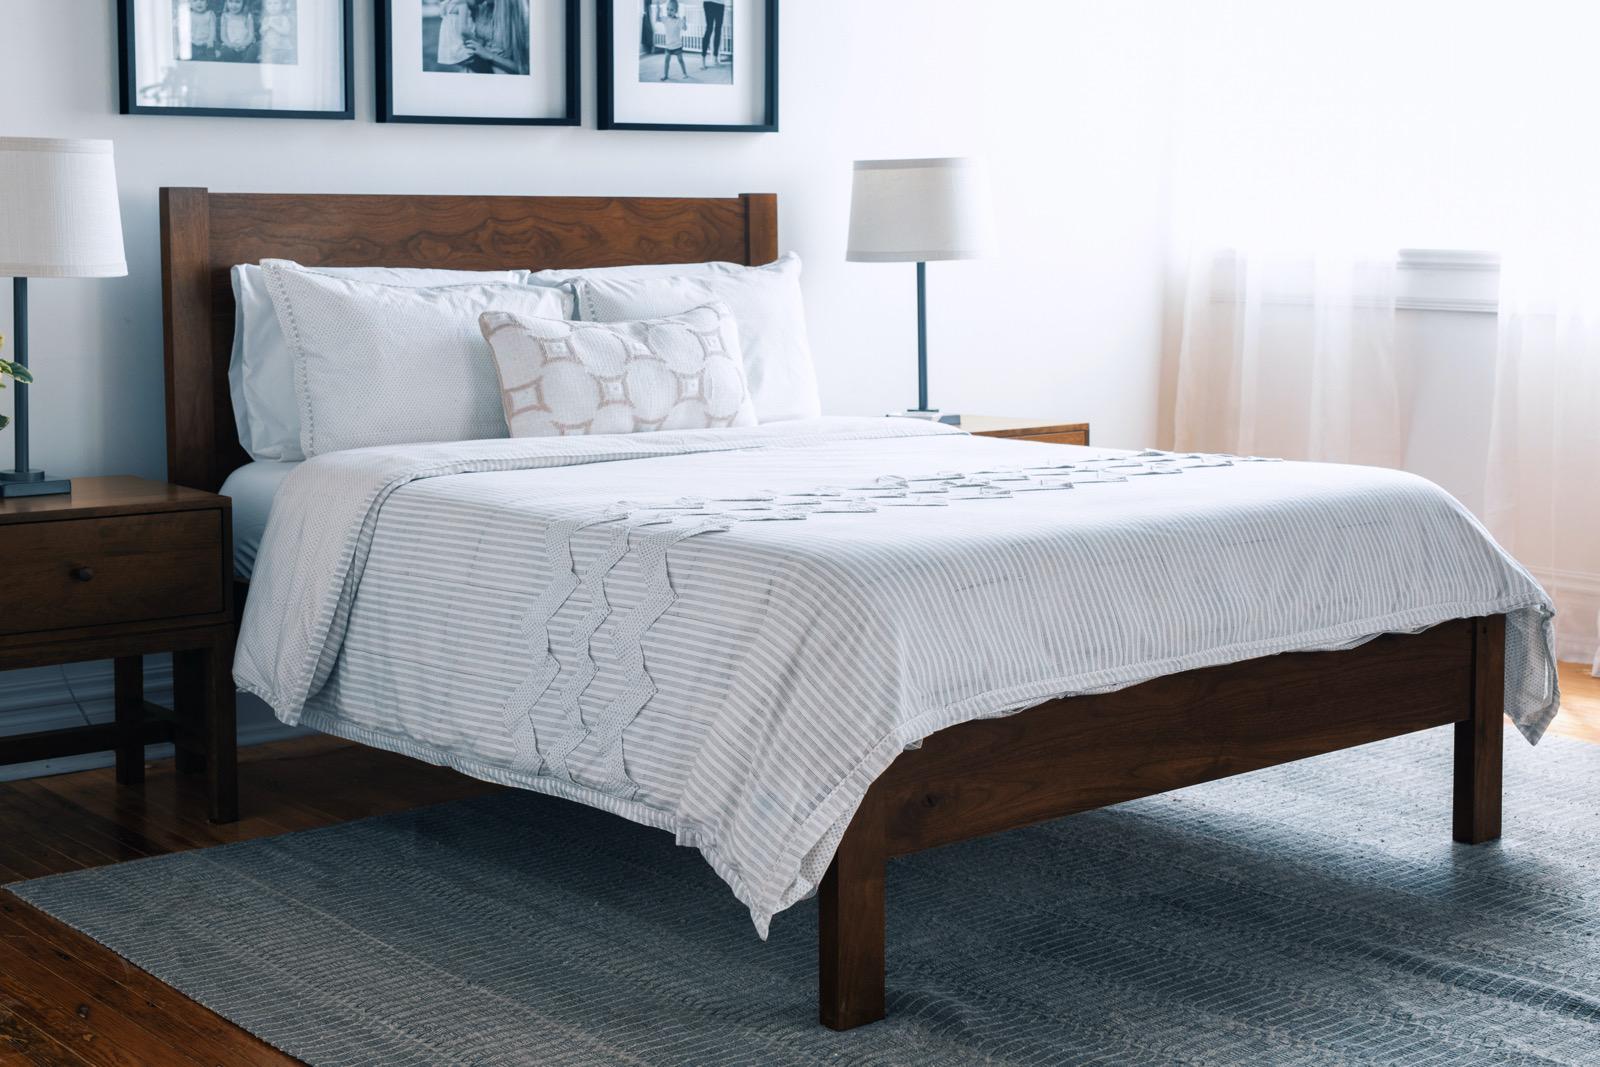 The Windsor Bed Frame